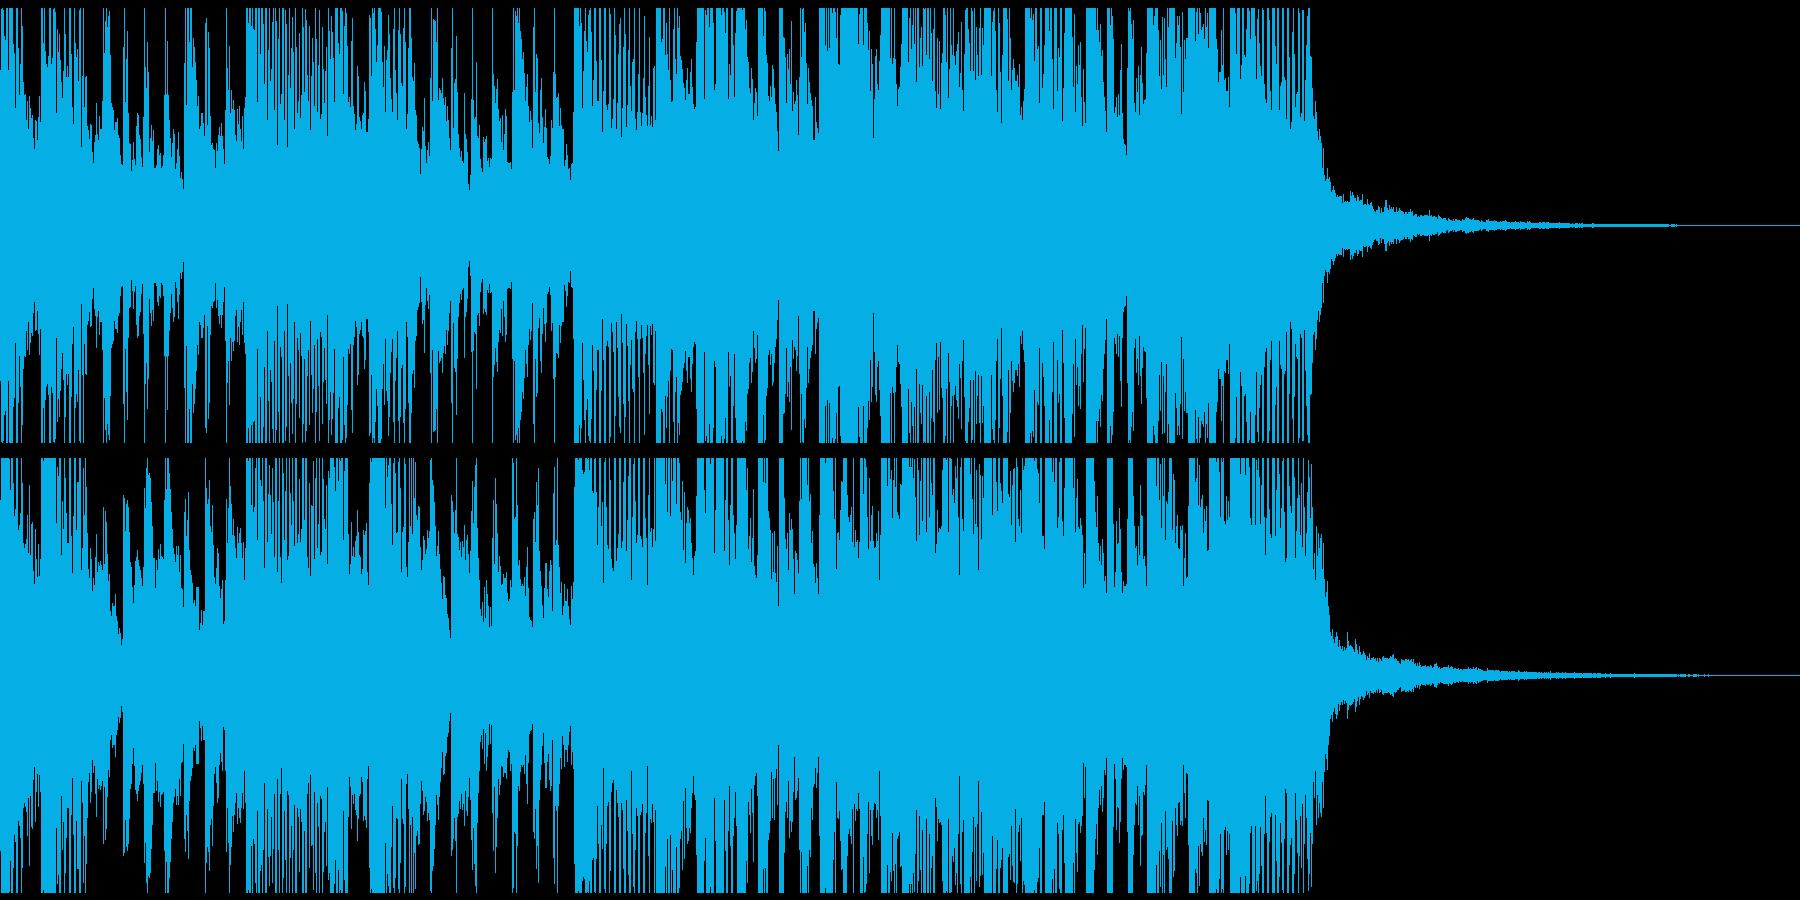 三味線とギターの重厚な和風ロックジングルの再生済みの波形